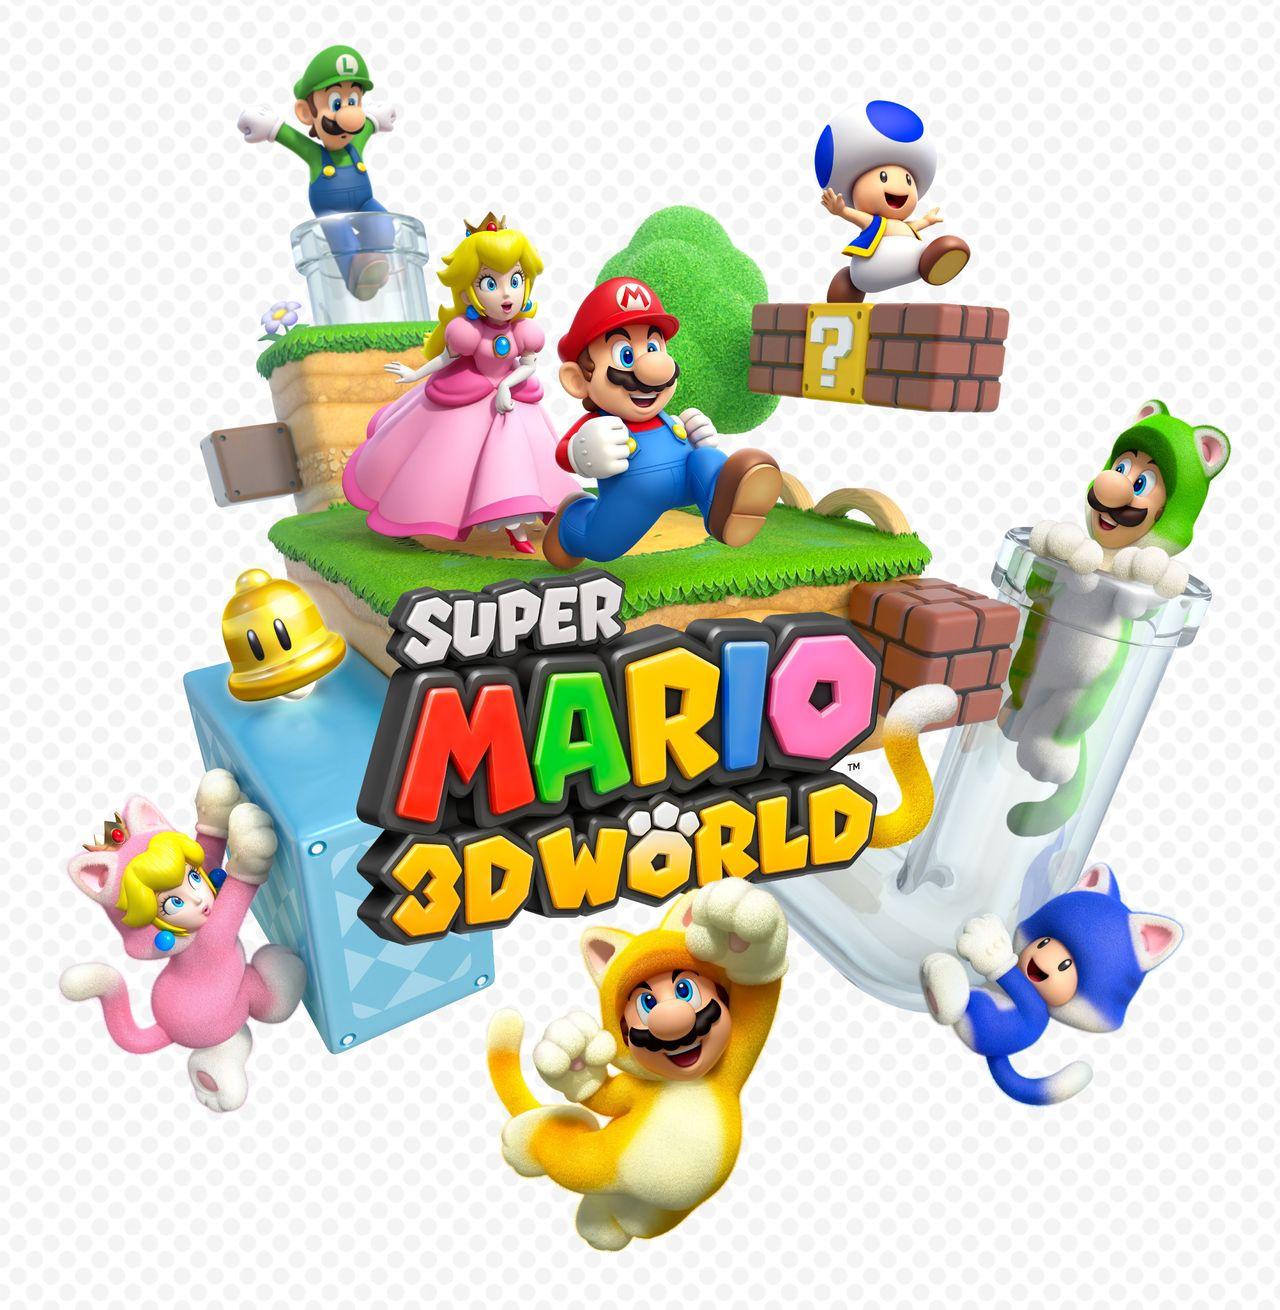 Super Marios 3D World Wii U